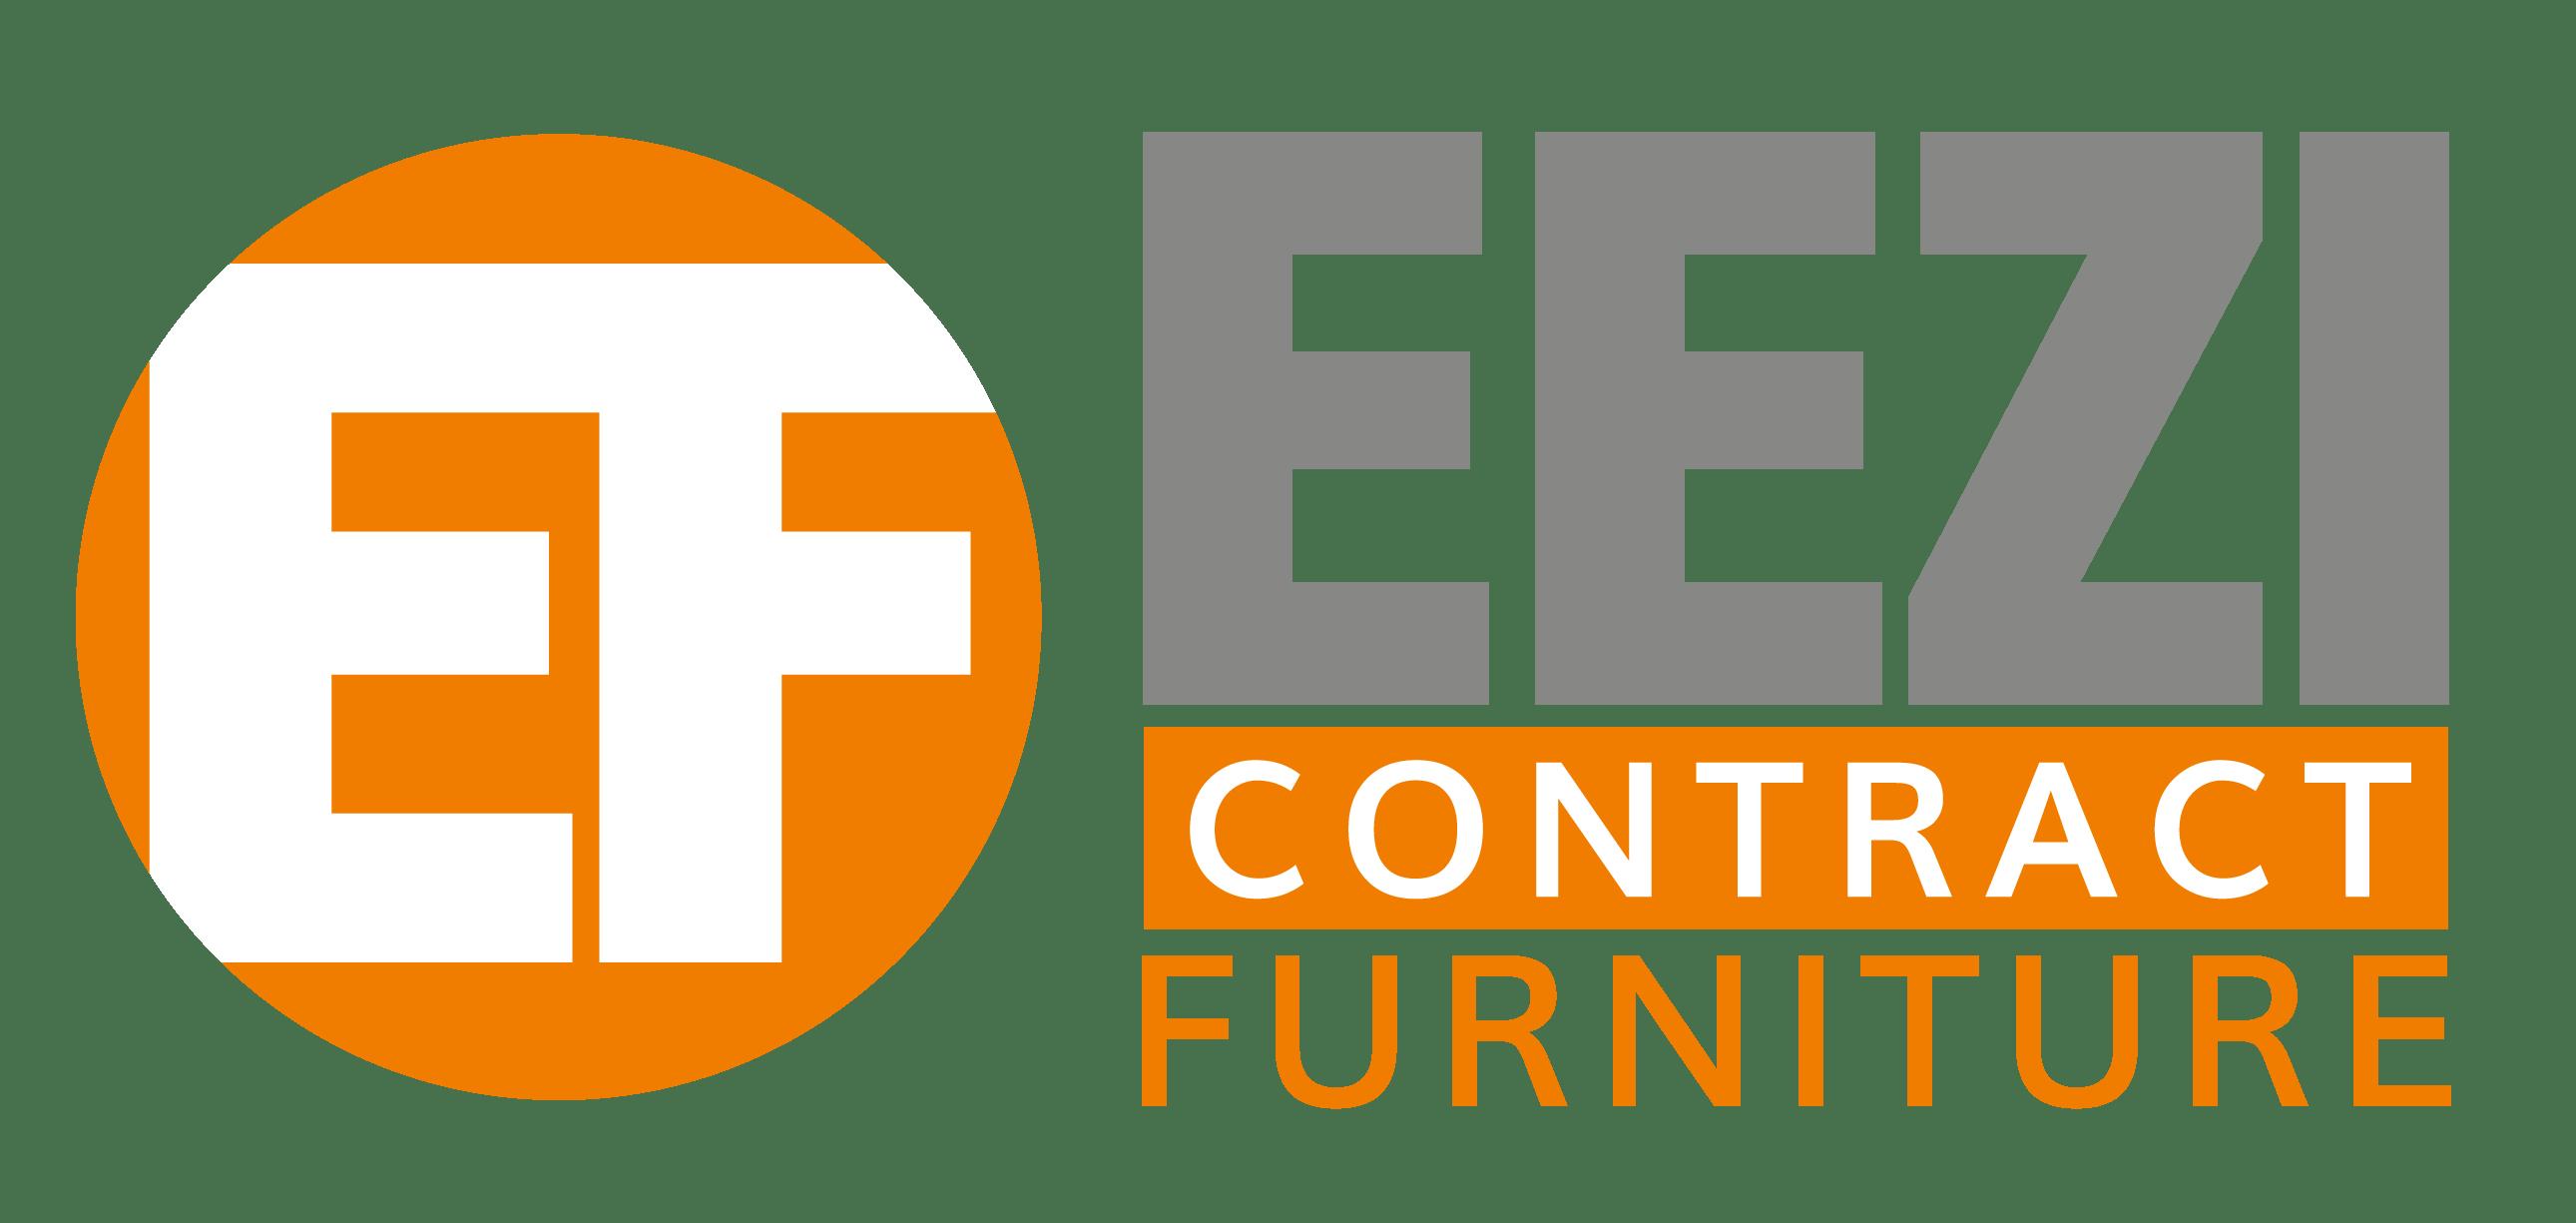 Eezi Contract Furniture Logo